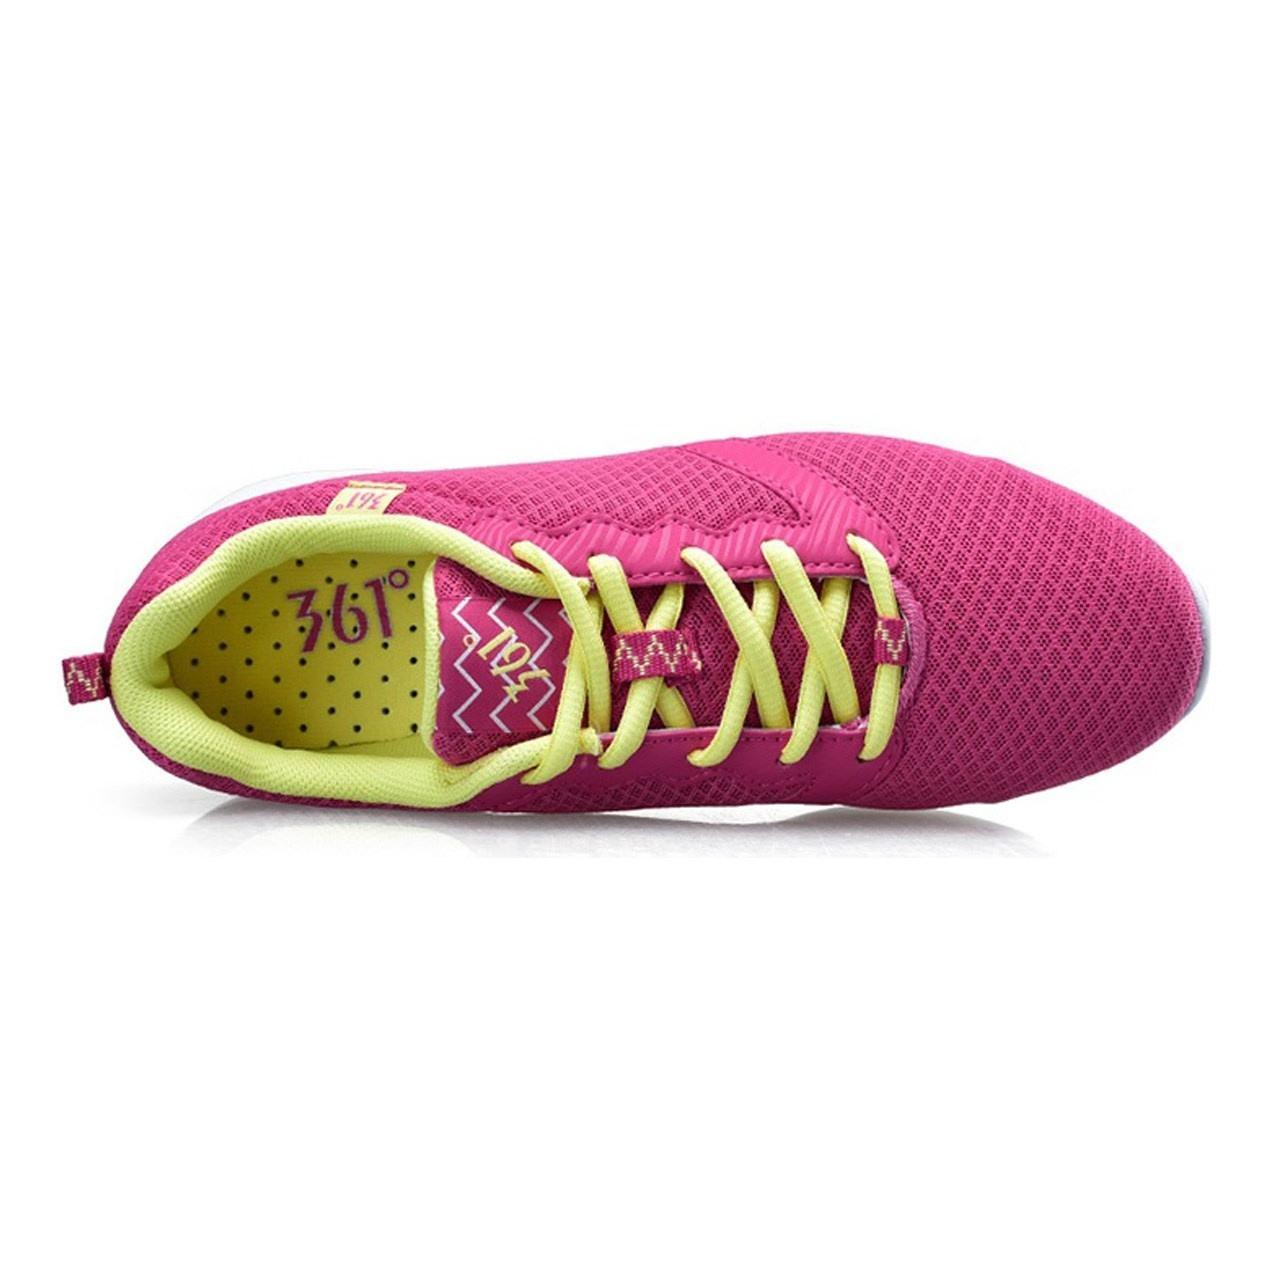 کفش مخصوص تمرین زنانه 361 درجه مدل 2281 -  - 7